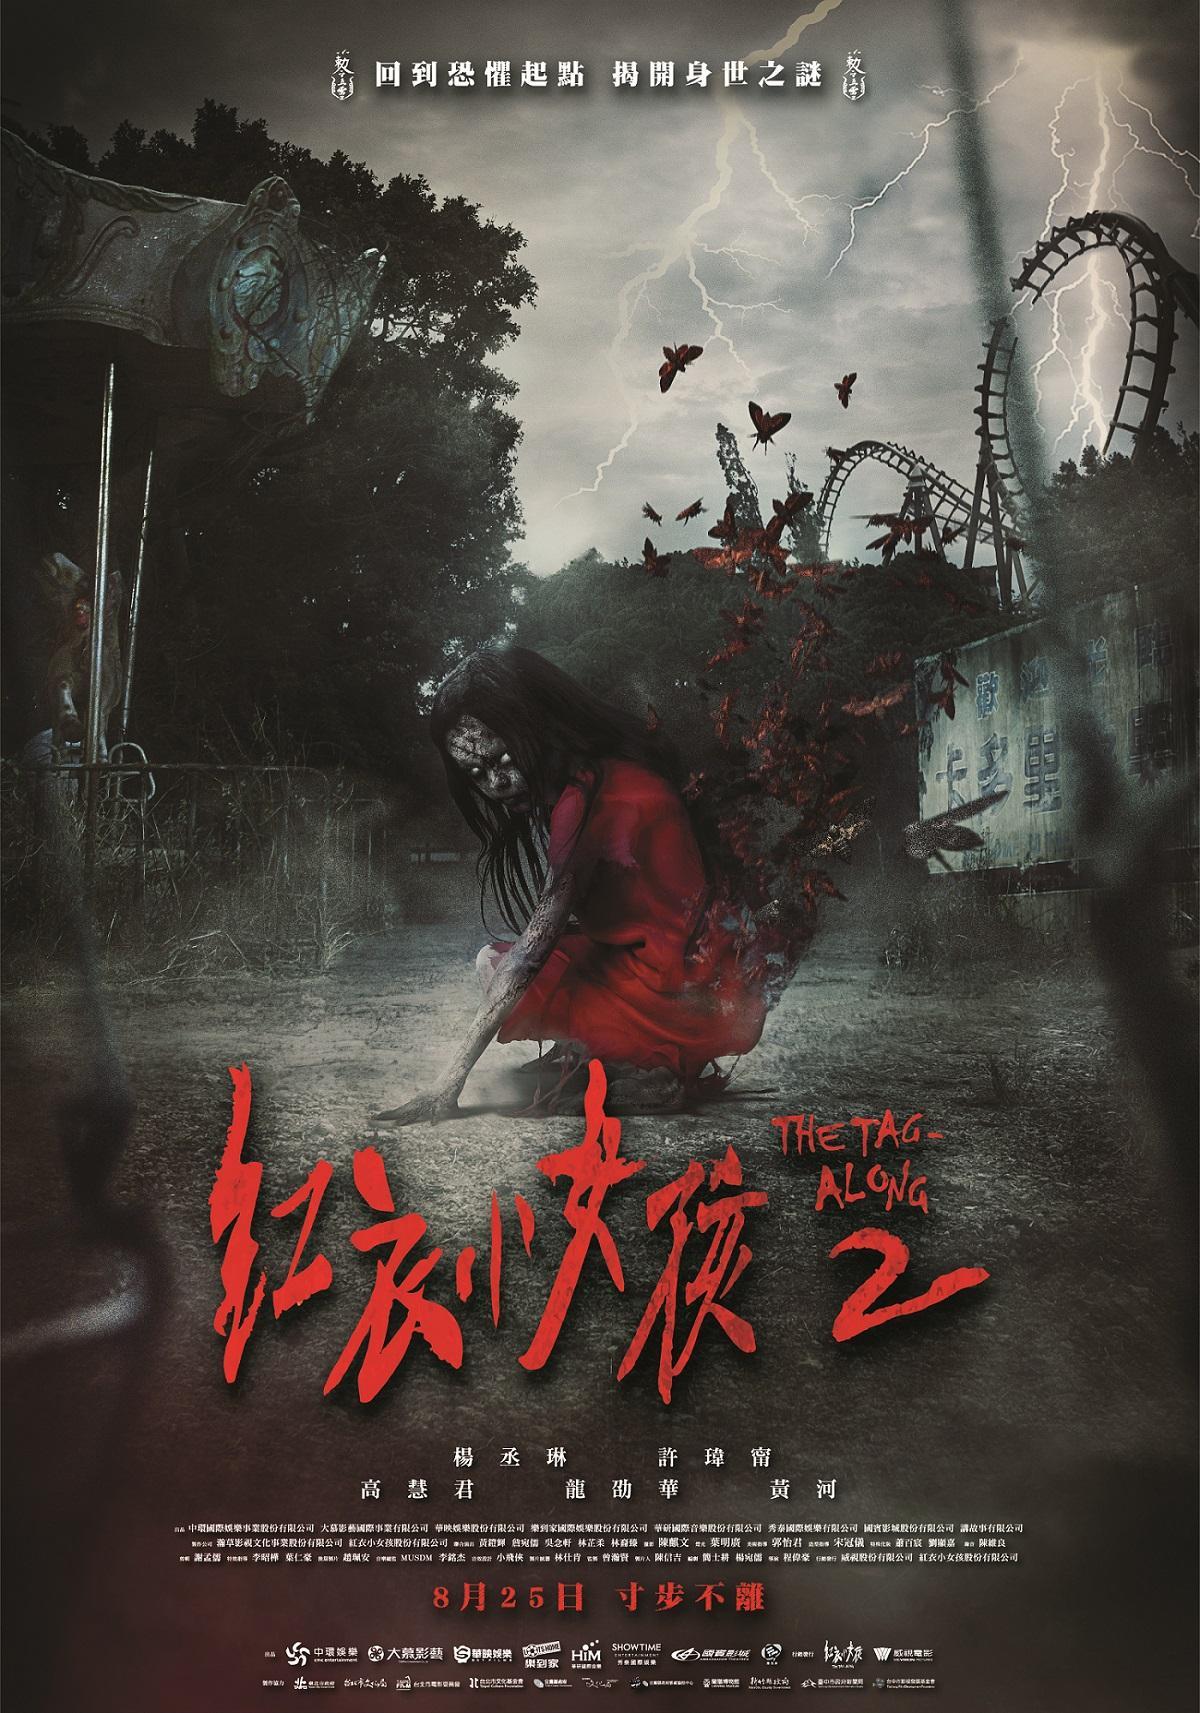 红衣小女孩2 电影线上看 高清 BT 繁体中文字幕 外流